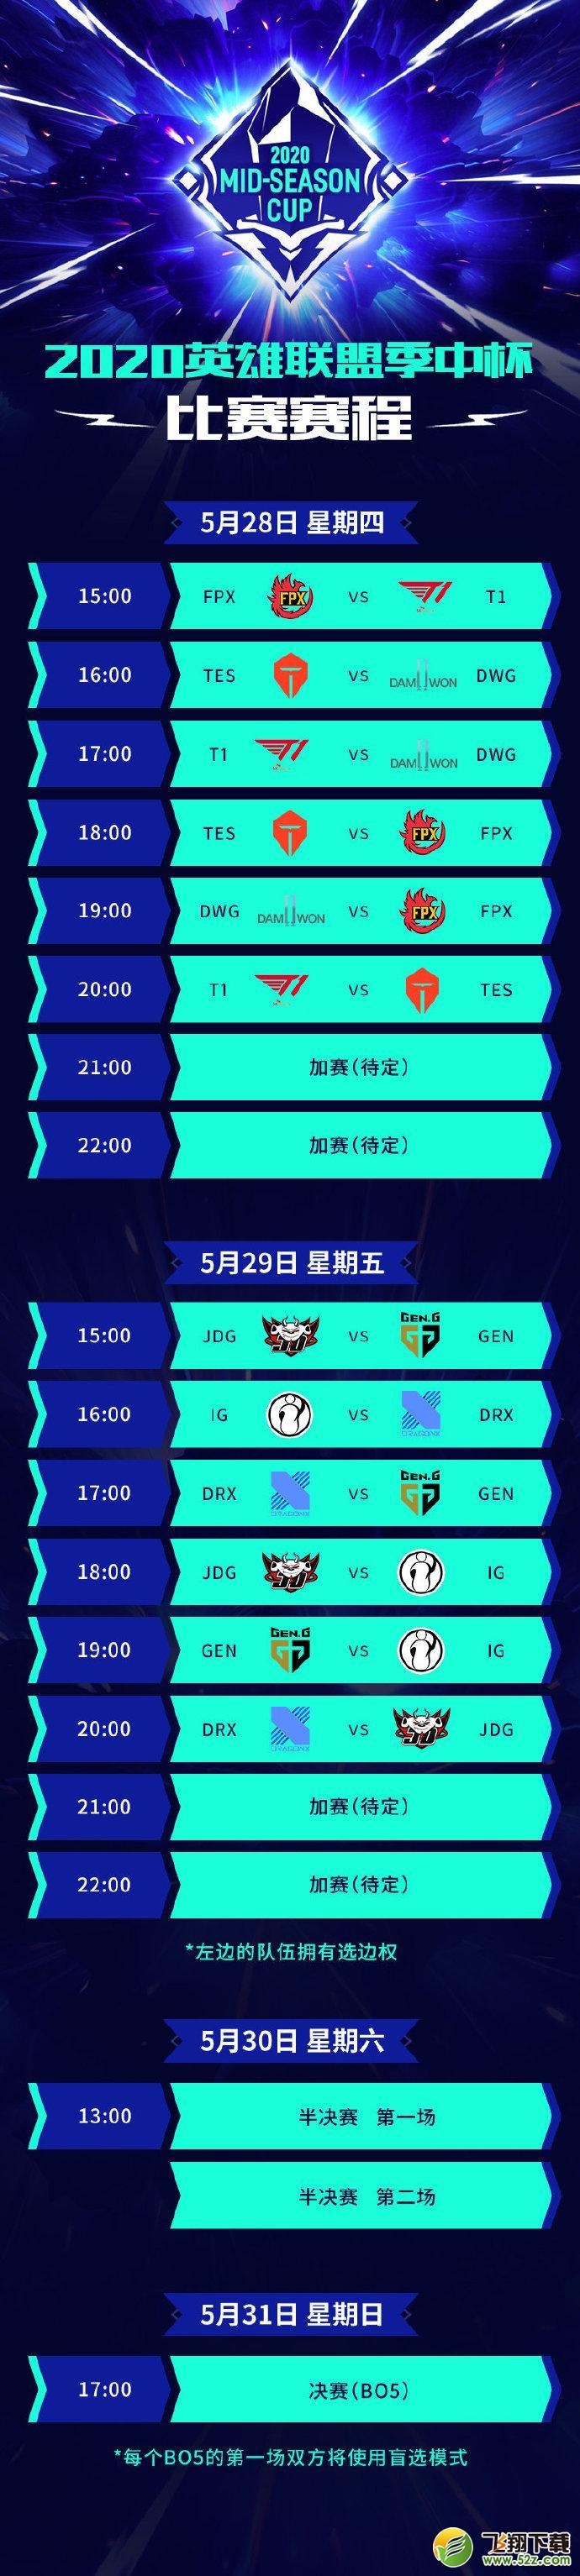 2020LPL英雄联盟季中杯赛程表_52z.com